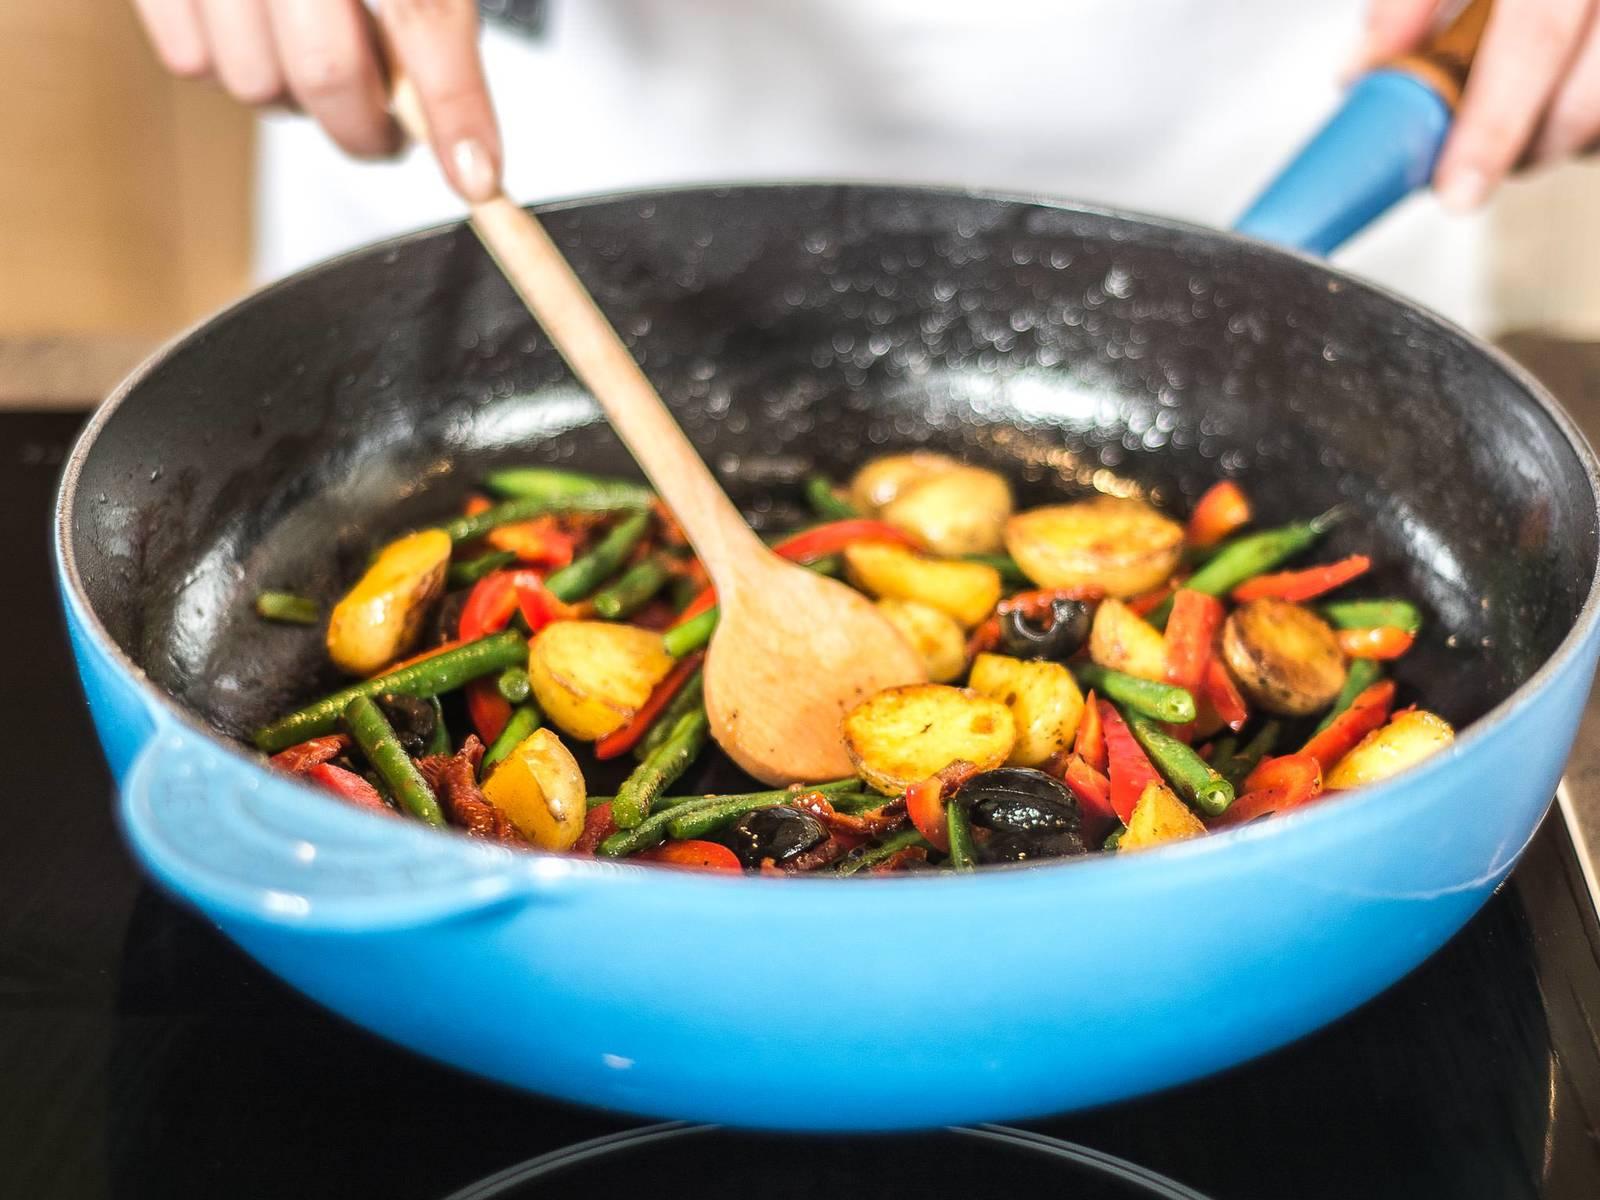 向平底锅中注入少许植物油,加入土豆、灯笼椒、橄榄与番茄干翻炒约2分钟,再加入豆角,继续翻炒并用盐与胡椒粉调味。然后和罗马生菜、黄瓜、红洋葱一起盛入大碗中。